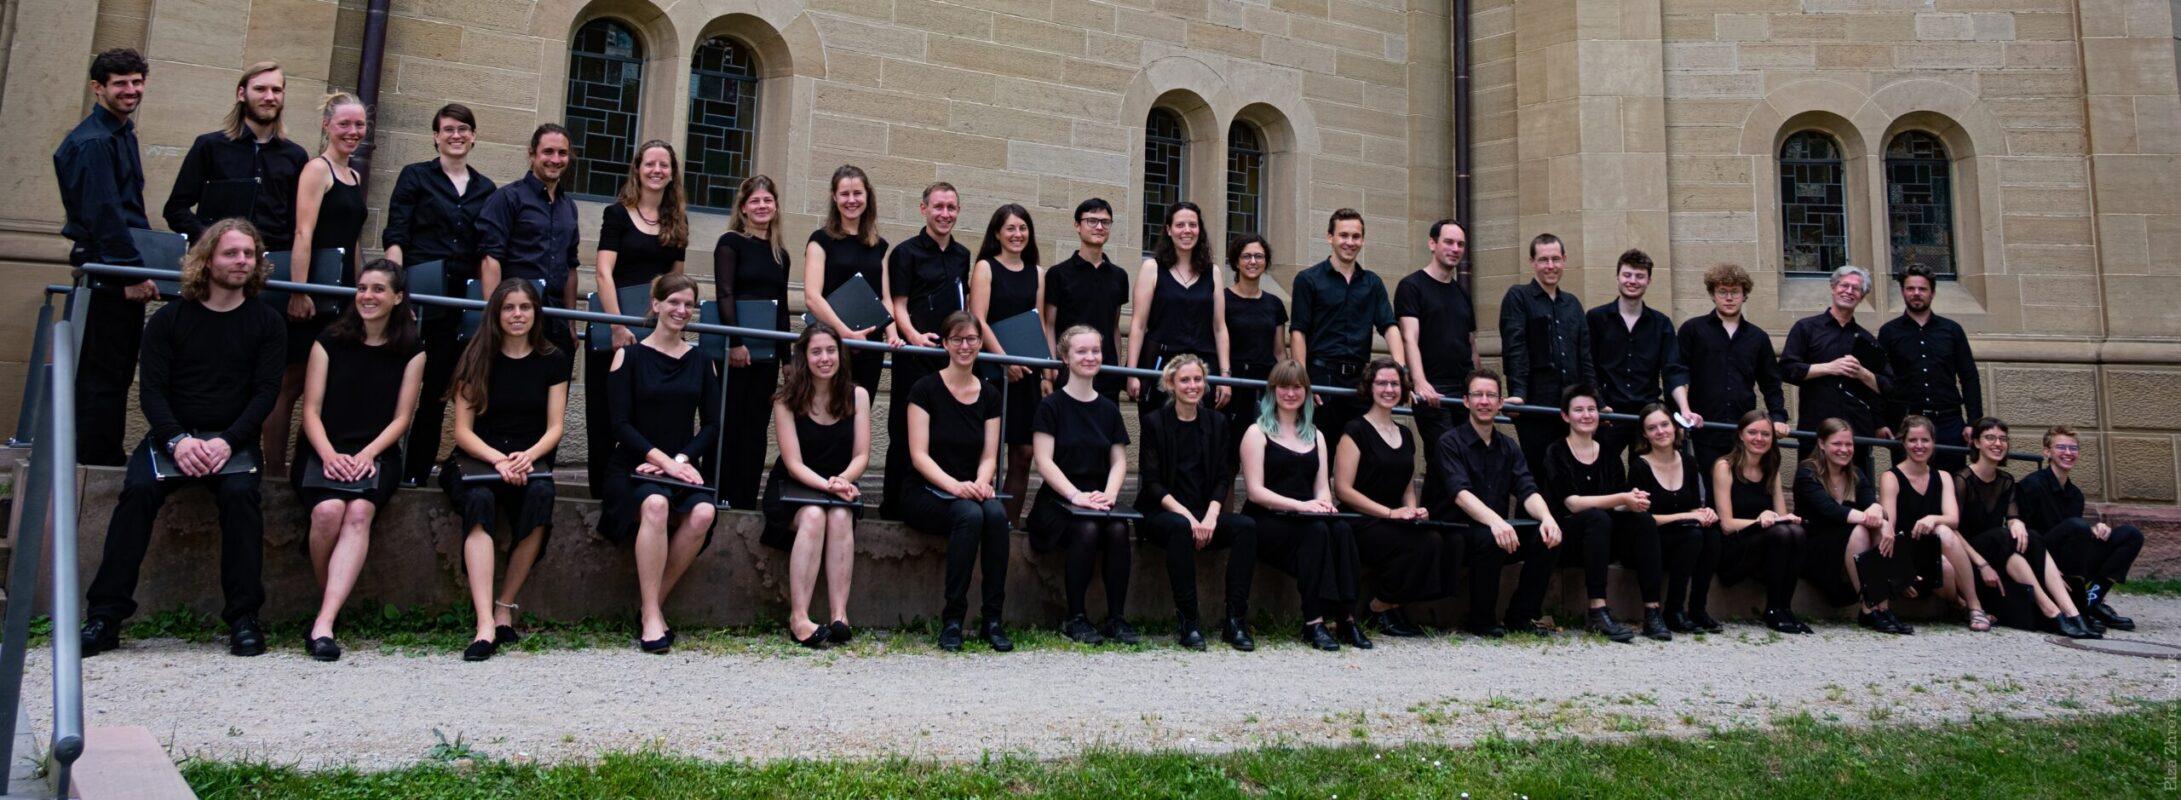 ESK Freiburg - Evangelische Studierendenkantorei e.V.